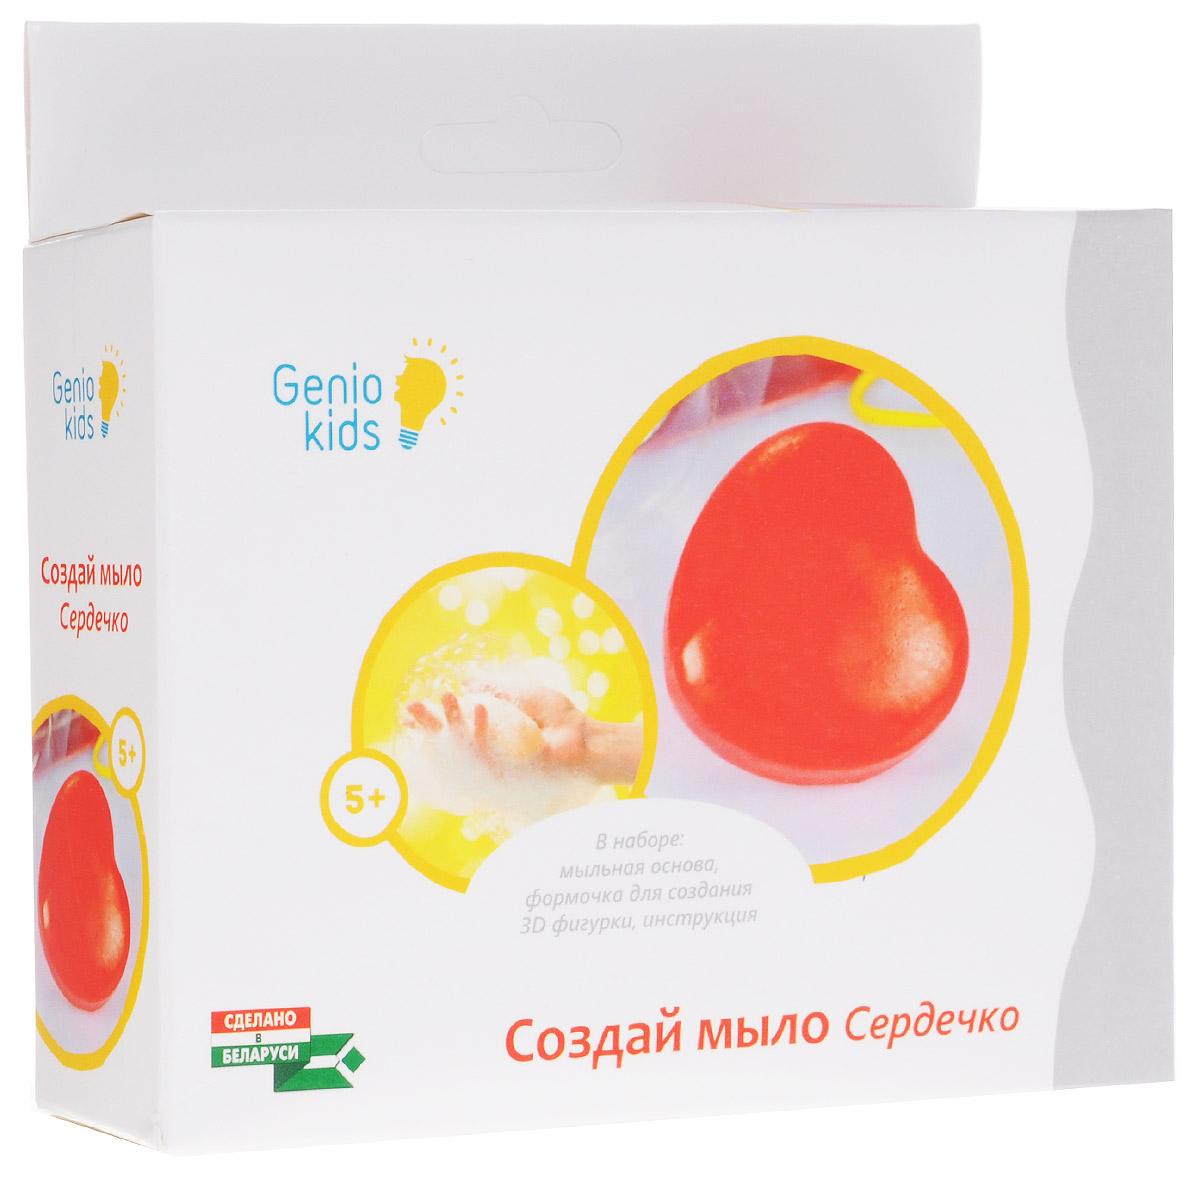 Genio Kids Набор для детского творчества Фабрика мыловарения Сердечко